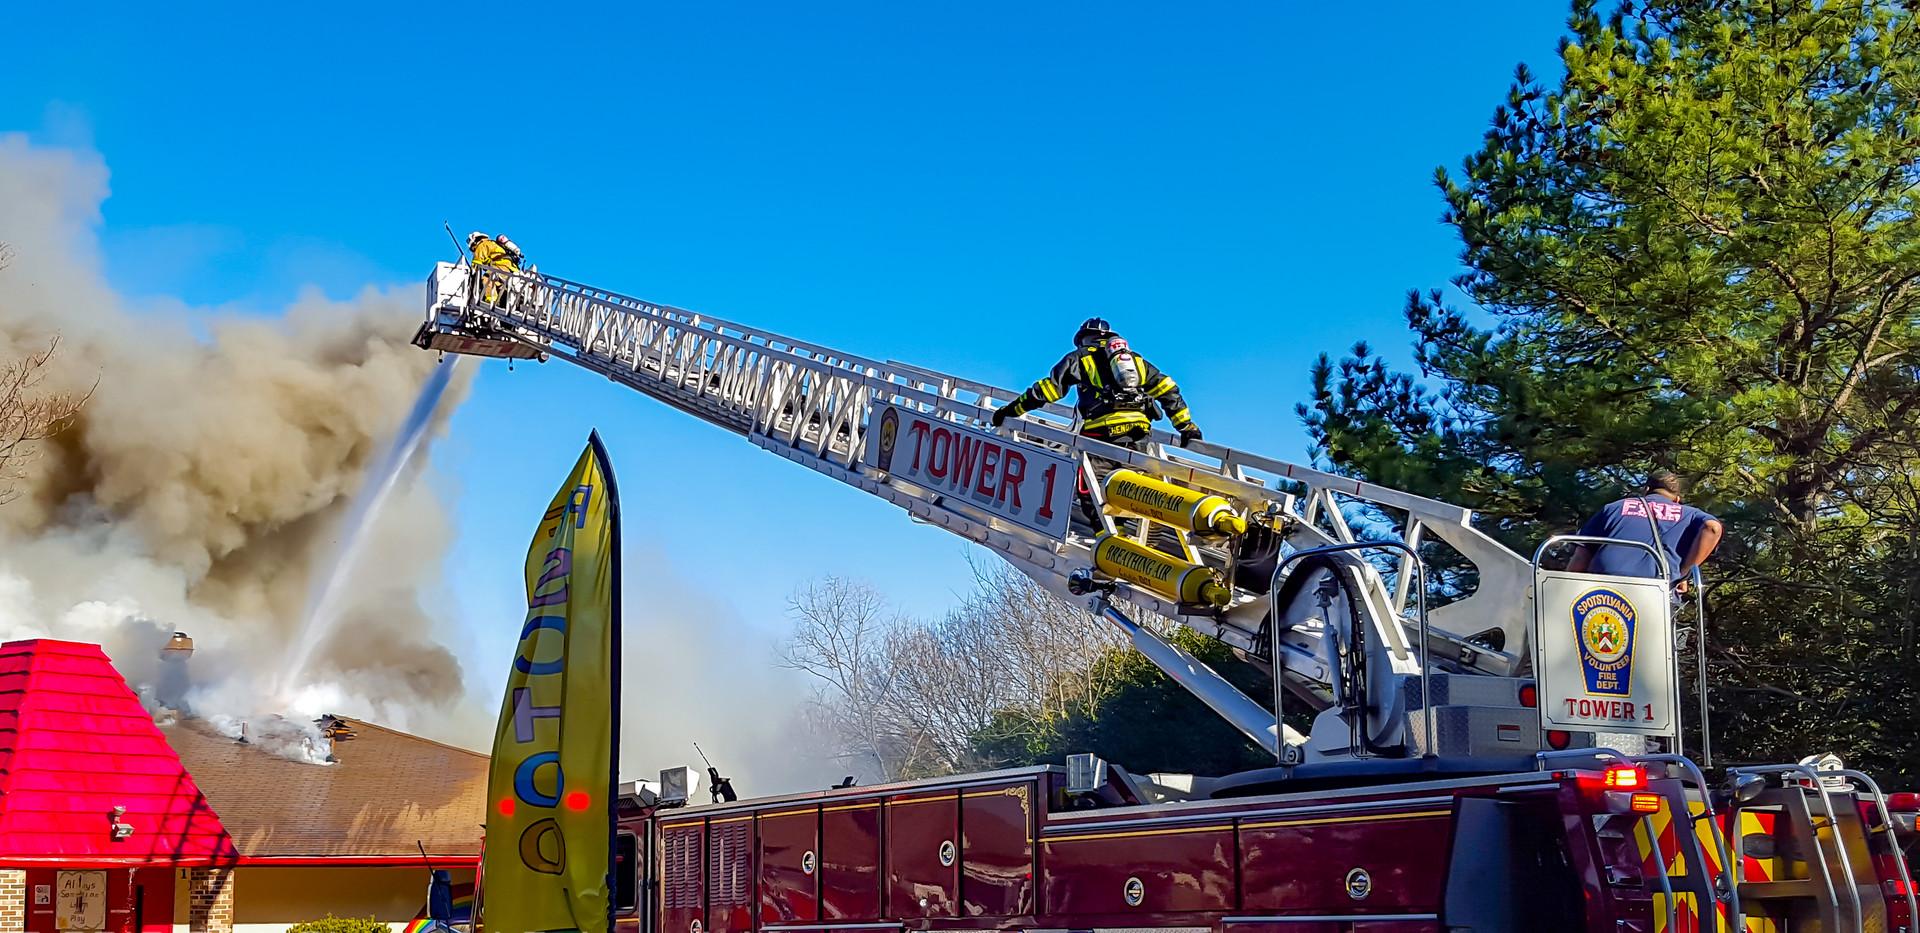 Spotsylvania Daycare center fire, 2016